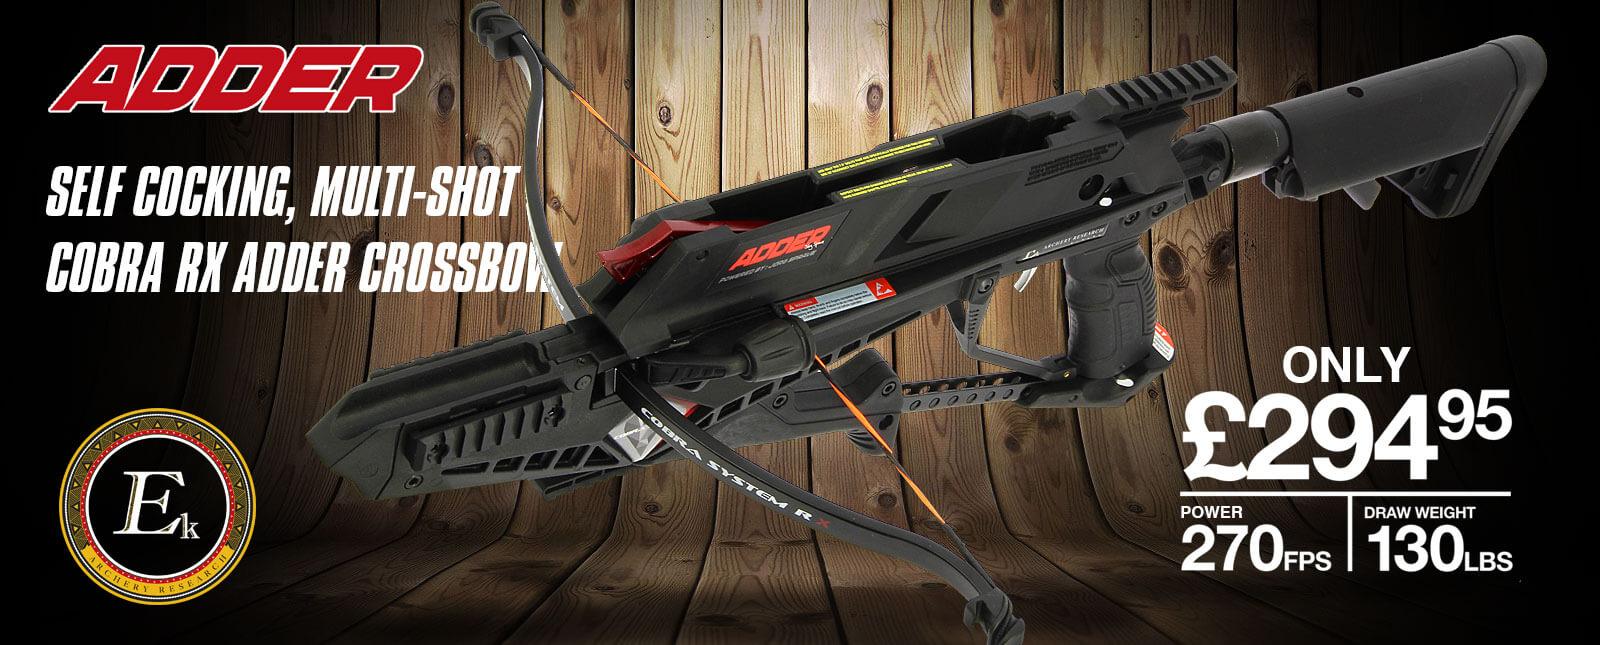 EK Archery Cobra RX Adder